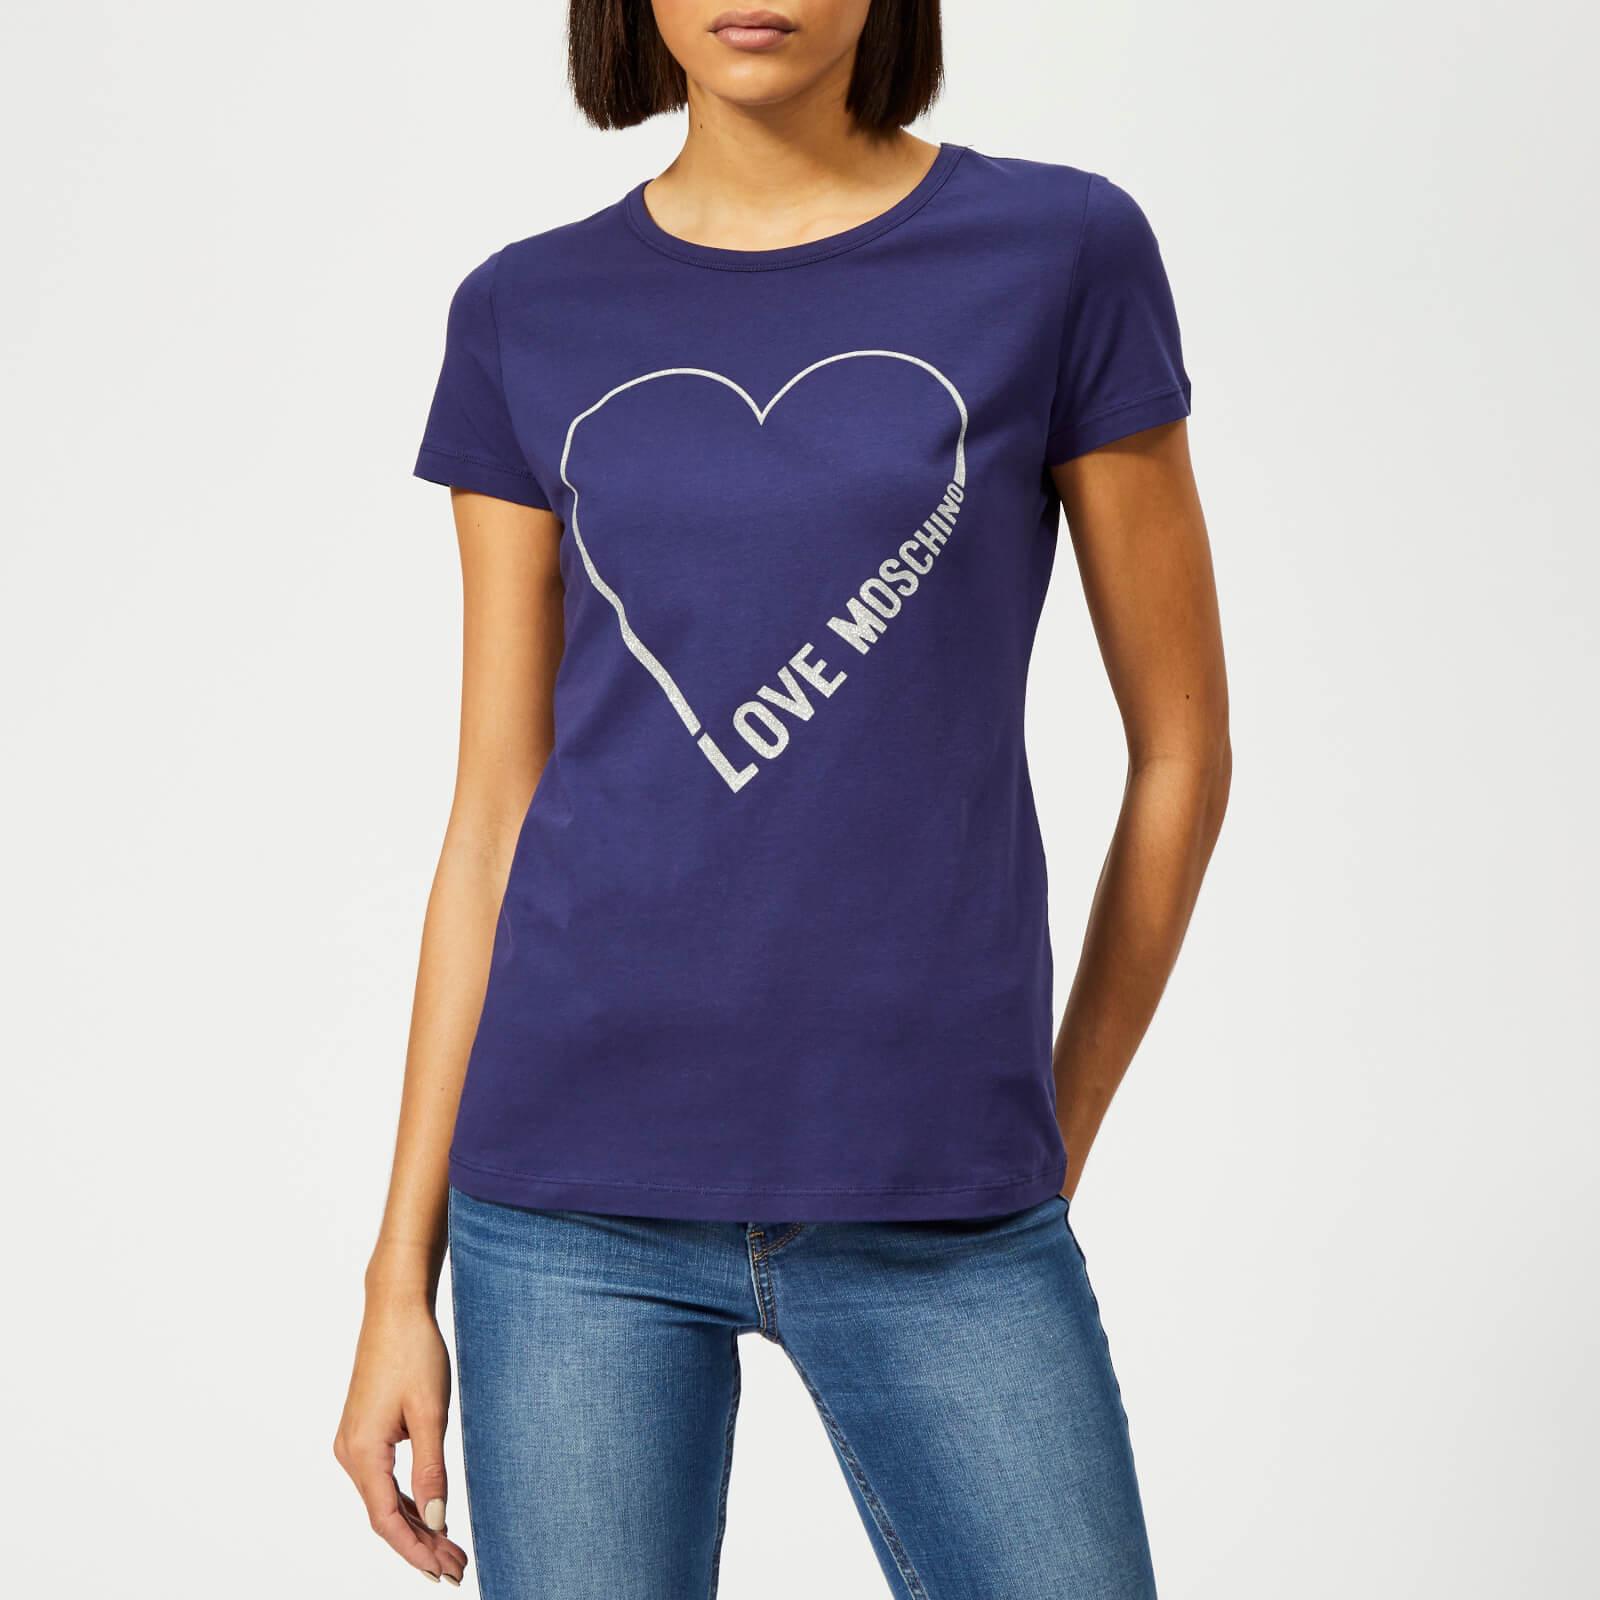 Moschino Love Moschino Women's Logo Core T-Shirt - Electric Blue - IT 42/UK 10 - Blue